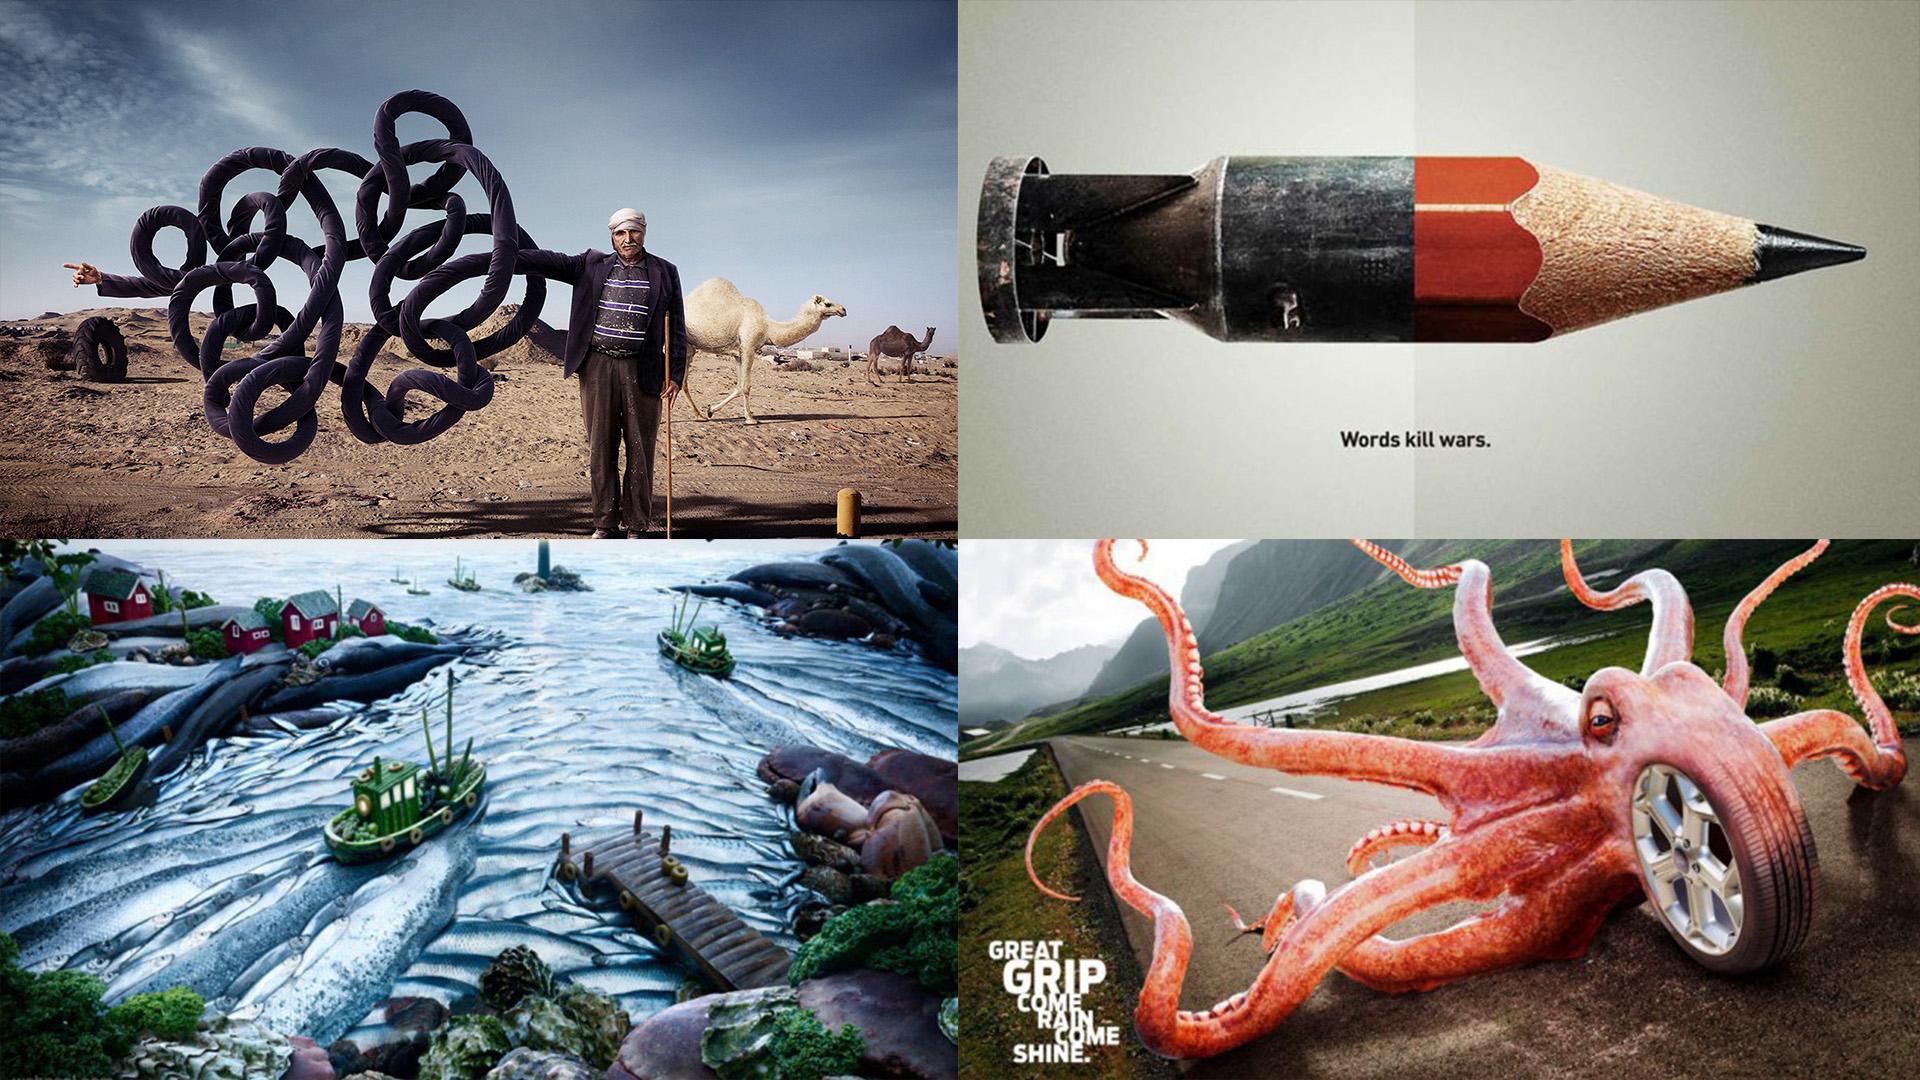 งานPhotography/Retouching ที่ใช้สำหรับงานโฆษณาที่ไม่มีวันขาดโปรแกรมPhotoshop ไปได้